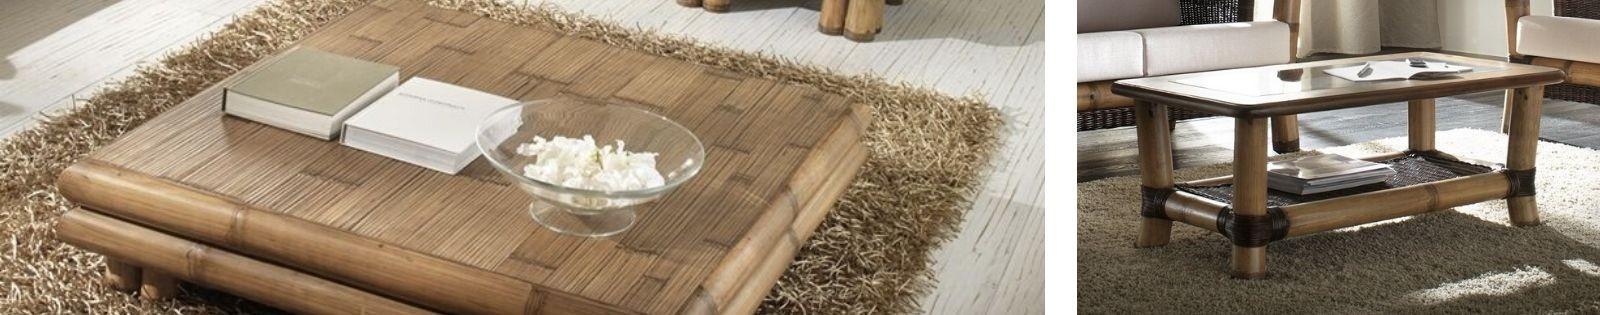 Table de salon bambou Haut de Gamme. tables basses pour compléter votre salons. Lotuséa